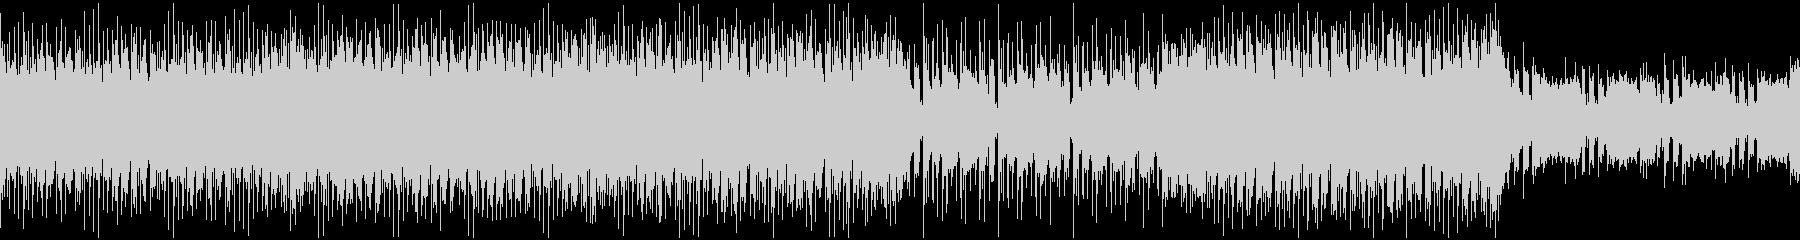 シンプルなハウス系ループの未再生の波形